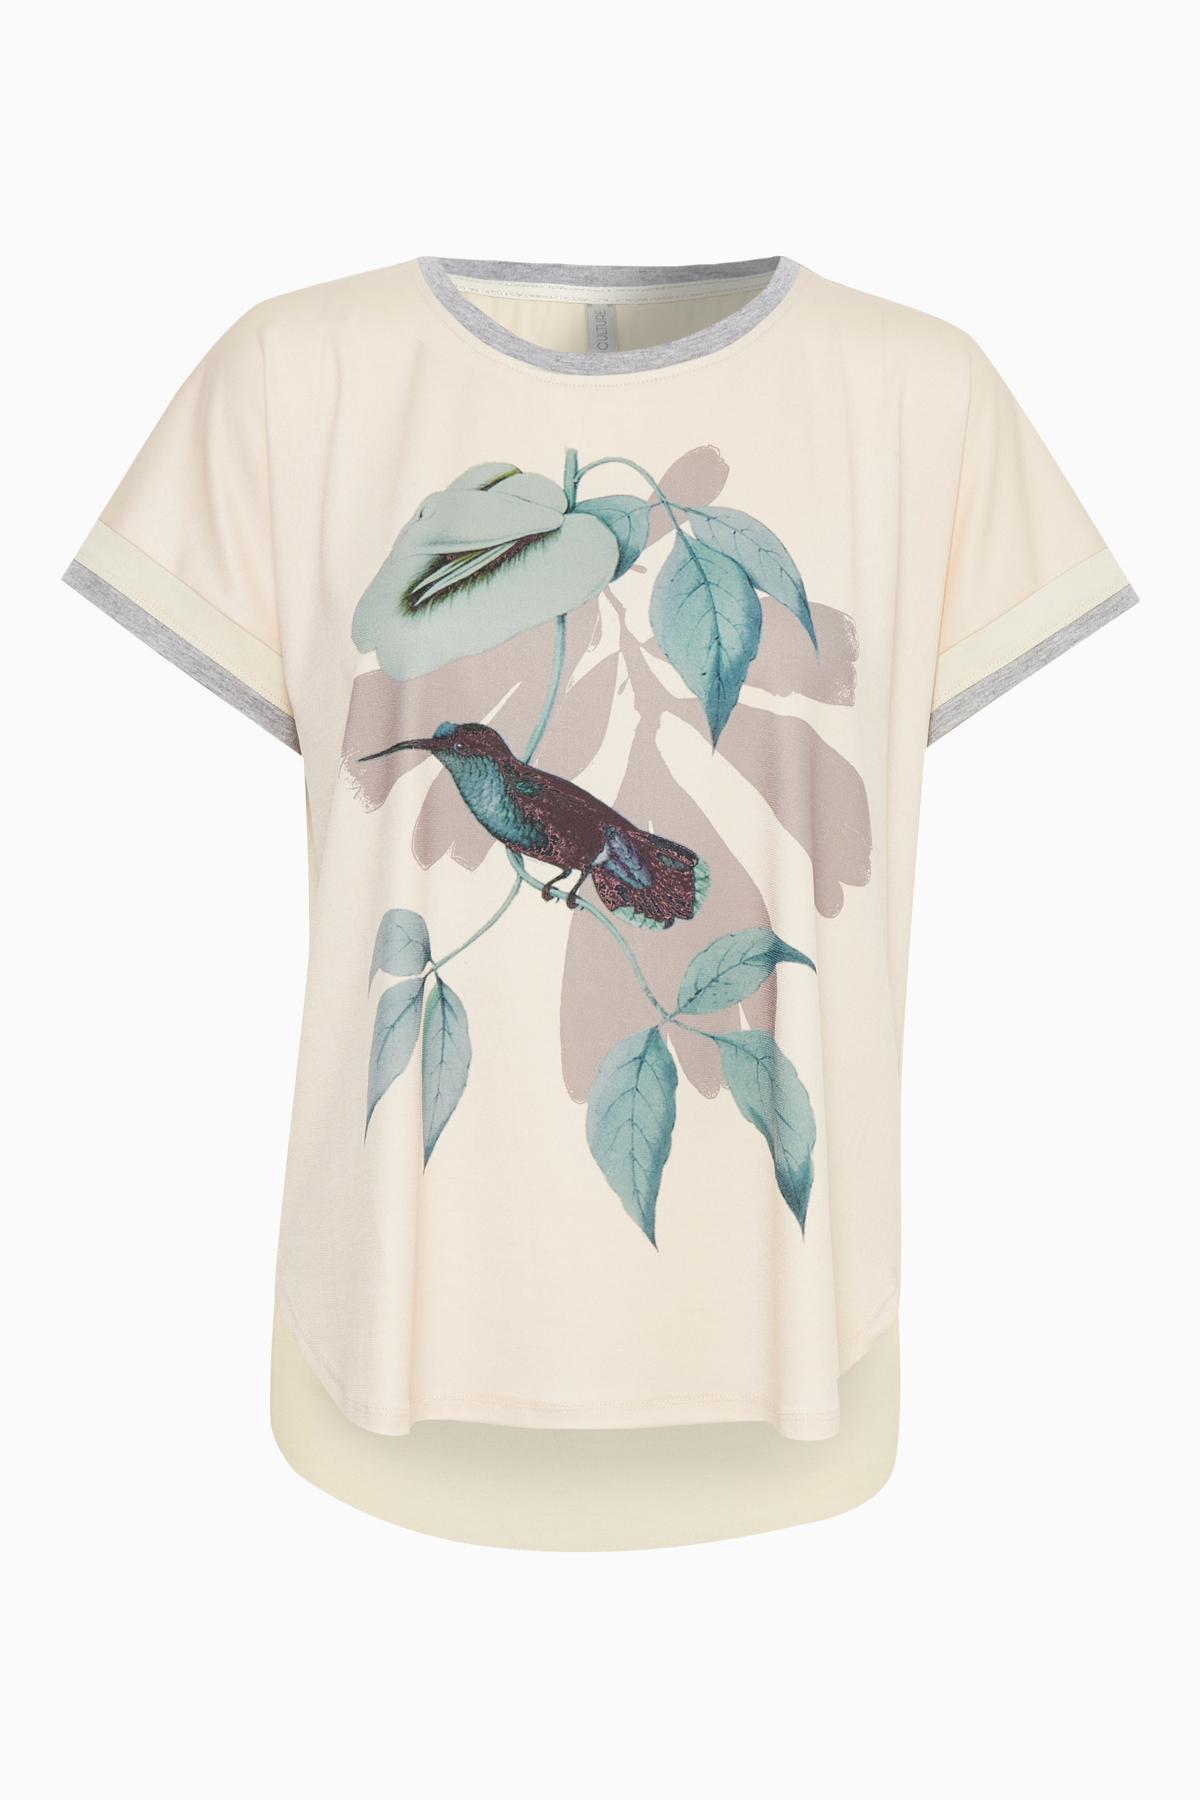 Pudder Kortærmet T-shirt fra Culture – Køb Pudder Kortærmet T-shirt fra str. XS-XXL her